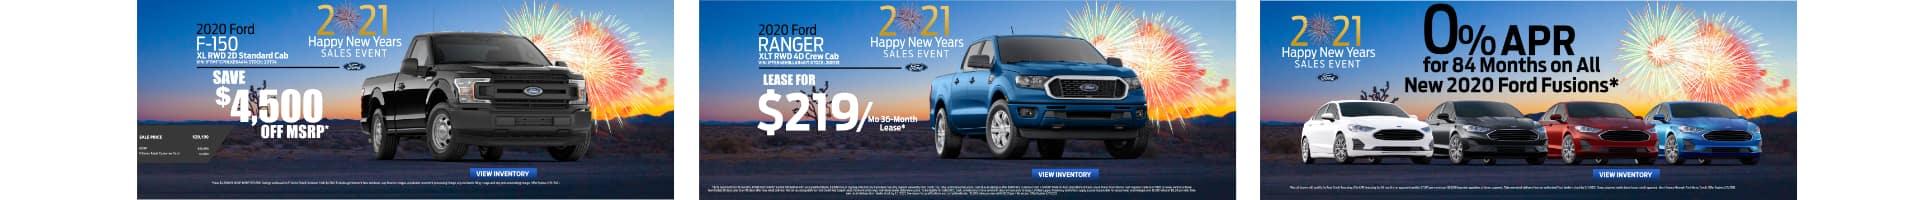 NEW_FF_VRP_1920x200_Jan-2021_v3